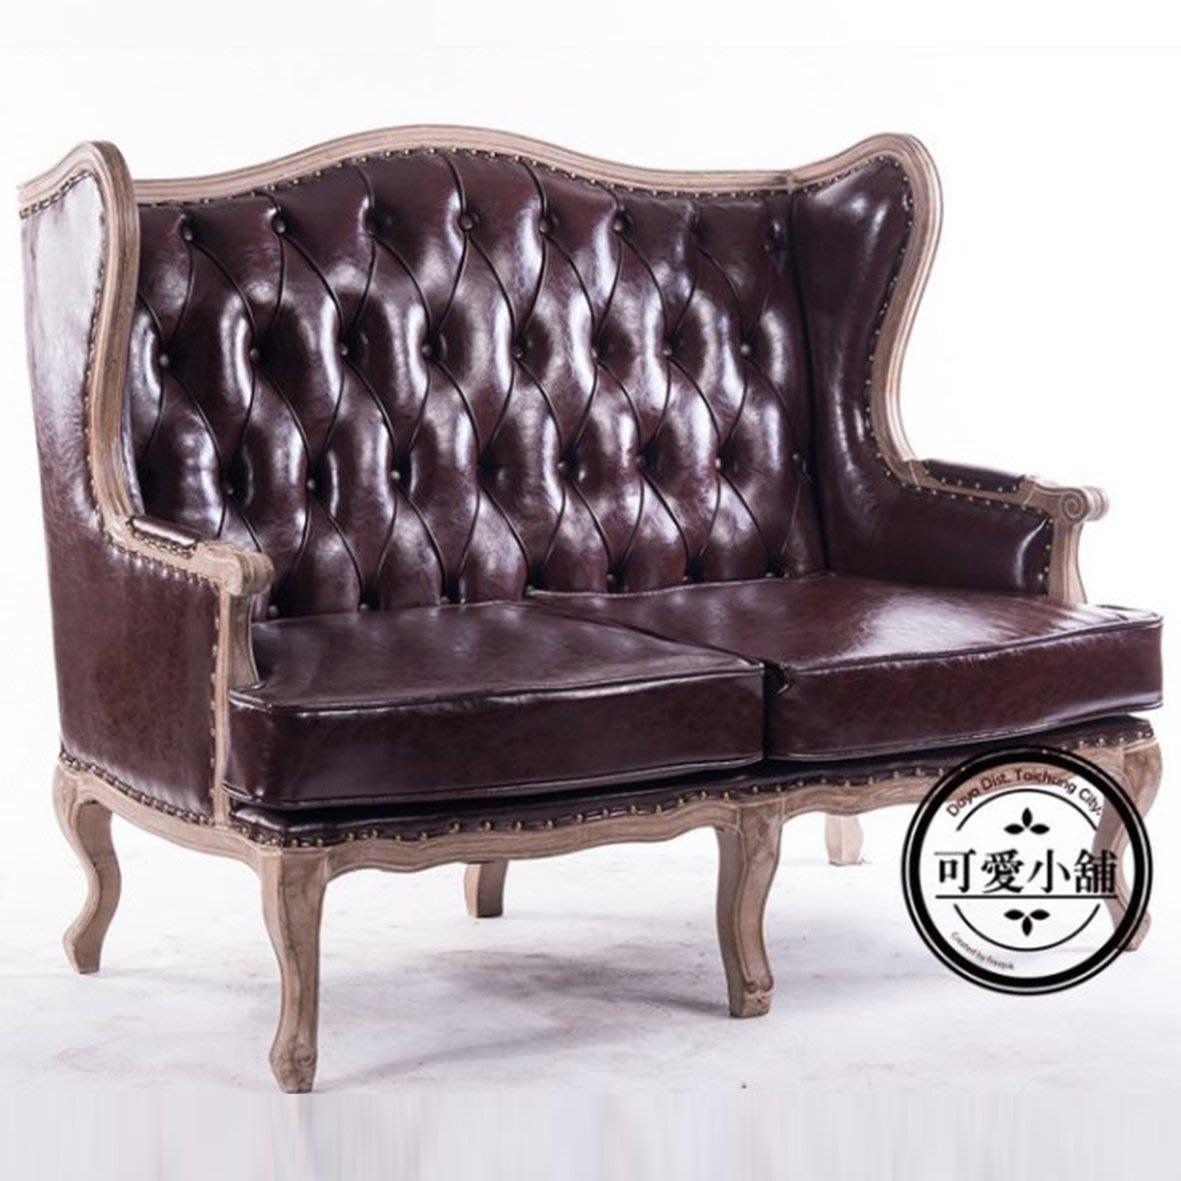 (台中 可愛小舖)歐式個性棕色油蠟皮拉扣造型雙人沙發二人坐客廳椅休閒椅房間椅套房民宿旅社辦公室招待室會客室造型椅腳椅背